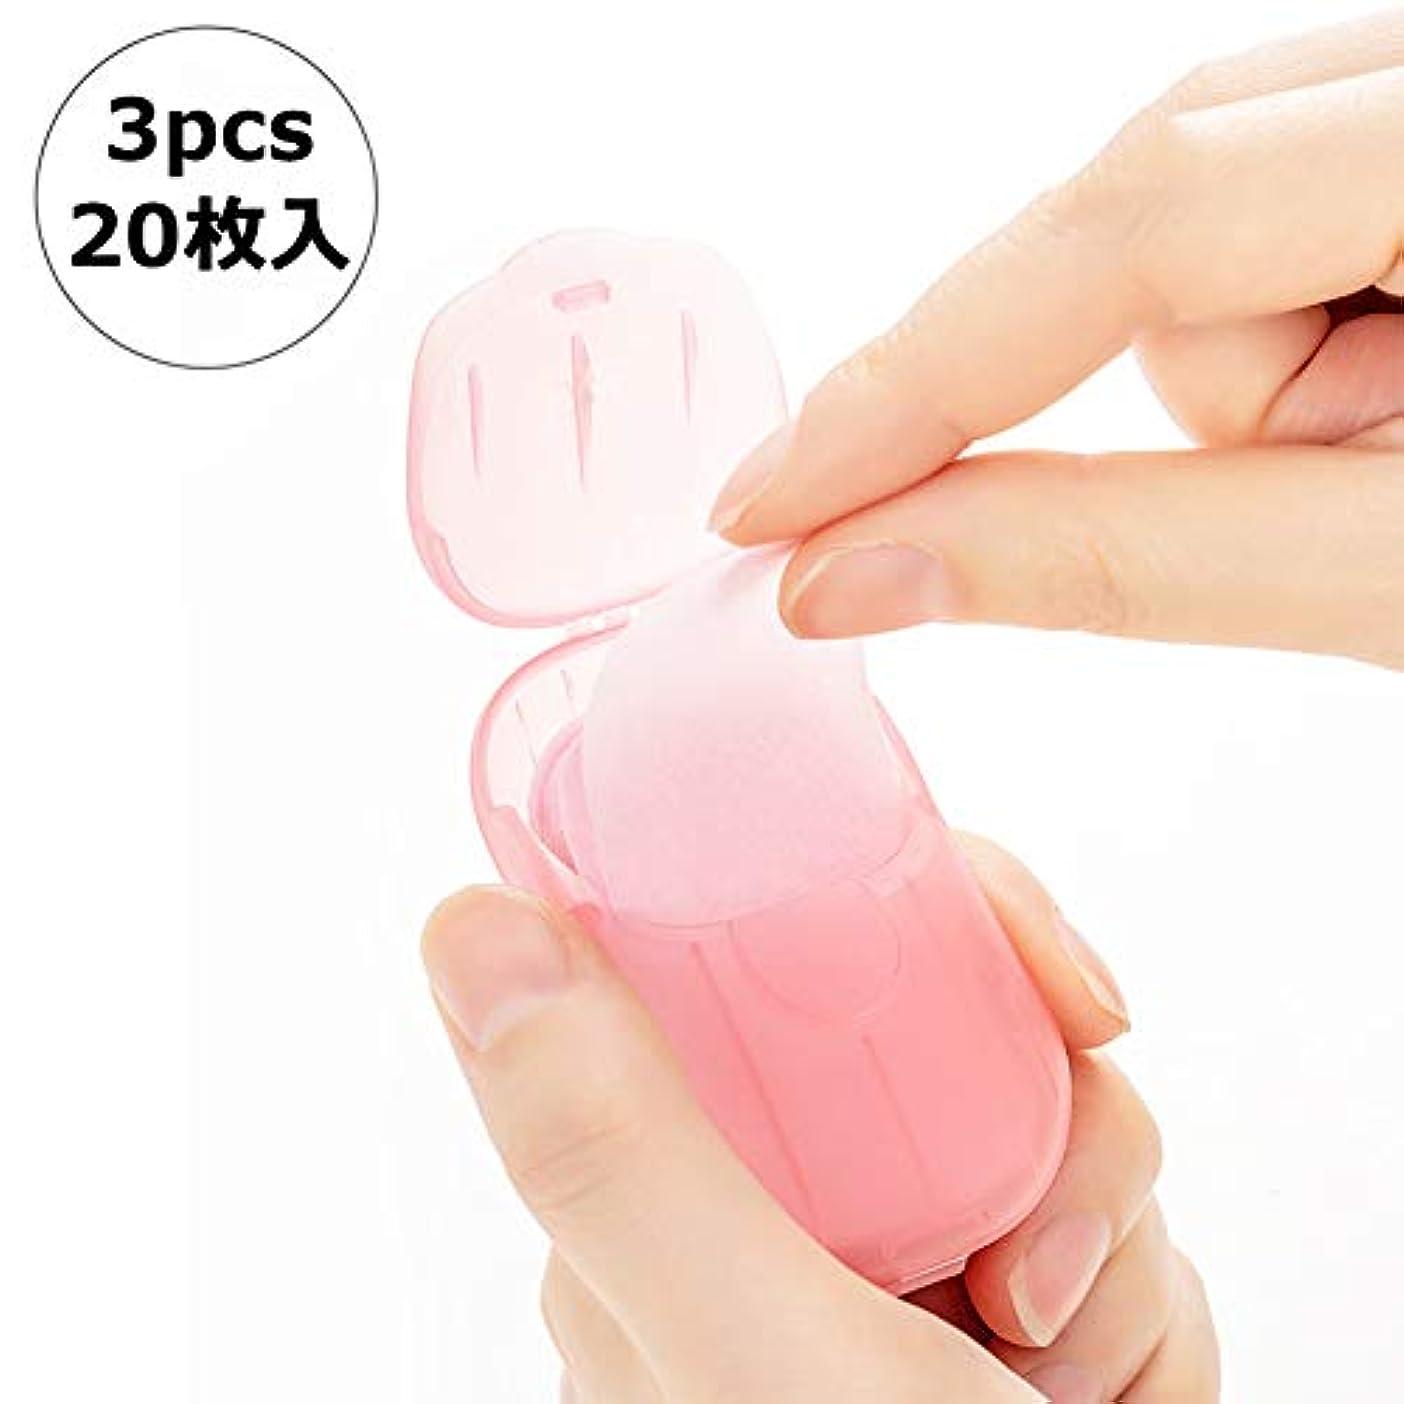 クラックポット圧力大きさNITIUMI ペーパーソープ 除菌 香り 石鹸 手洗い/お風呂 旅行携帯用 紙せっけん 20枚入 ケース付き カラーランダム (3個セット)